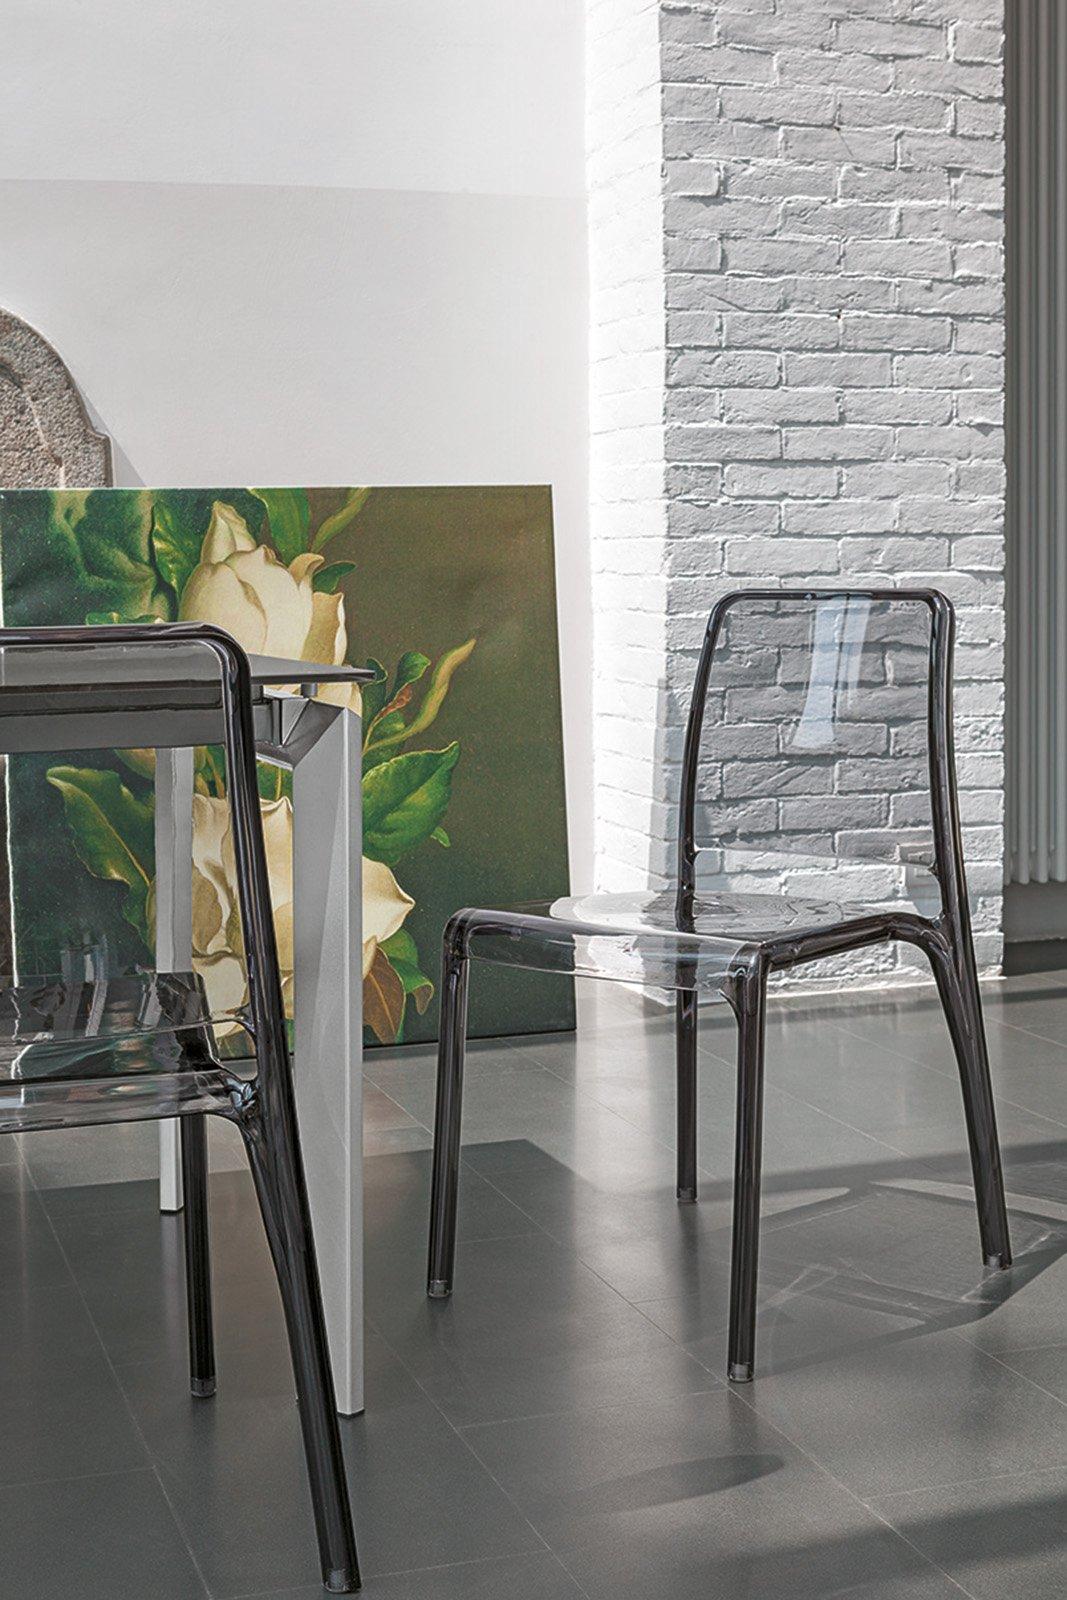 Impilabile Adatta A Cucina E Soggiorno E Disponibile In Quattro Colori #827249 1067 1600 Mercatone Uno Tavoli E Sedie